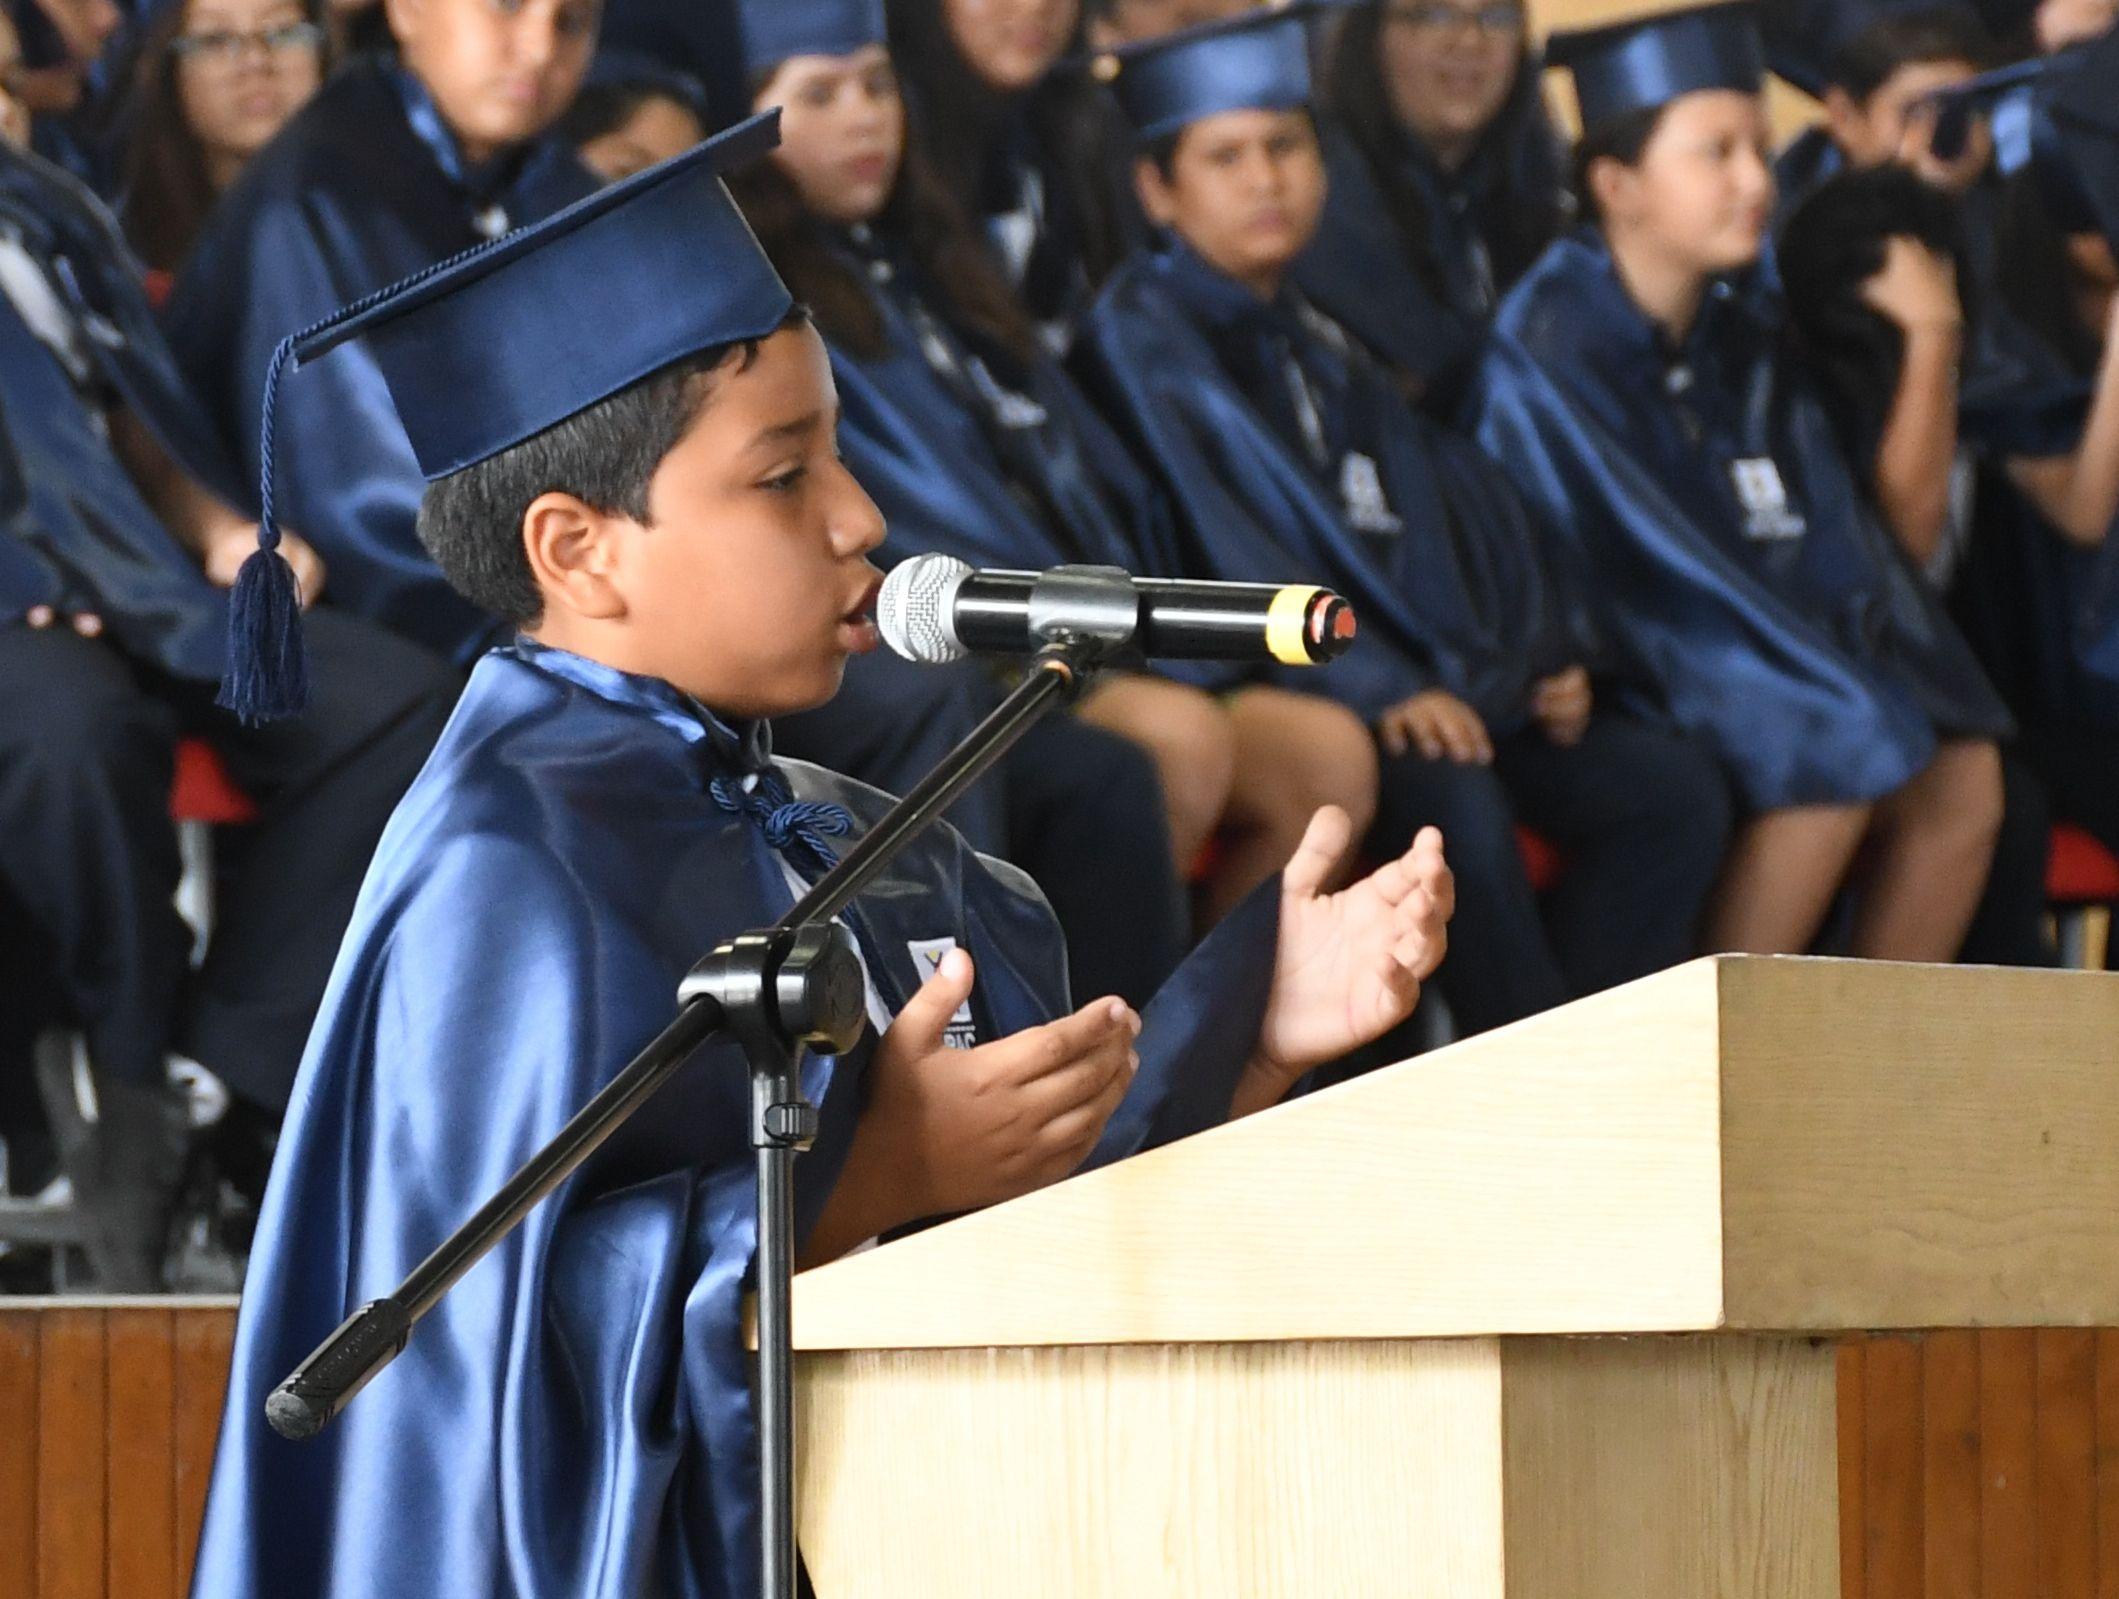 Intervenci¢n especial del estudiante Marcos Romero Zajia estudiante con el m†s alto Promedio en su Trayectoria Estudiantil